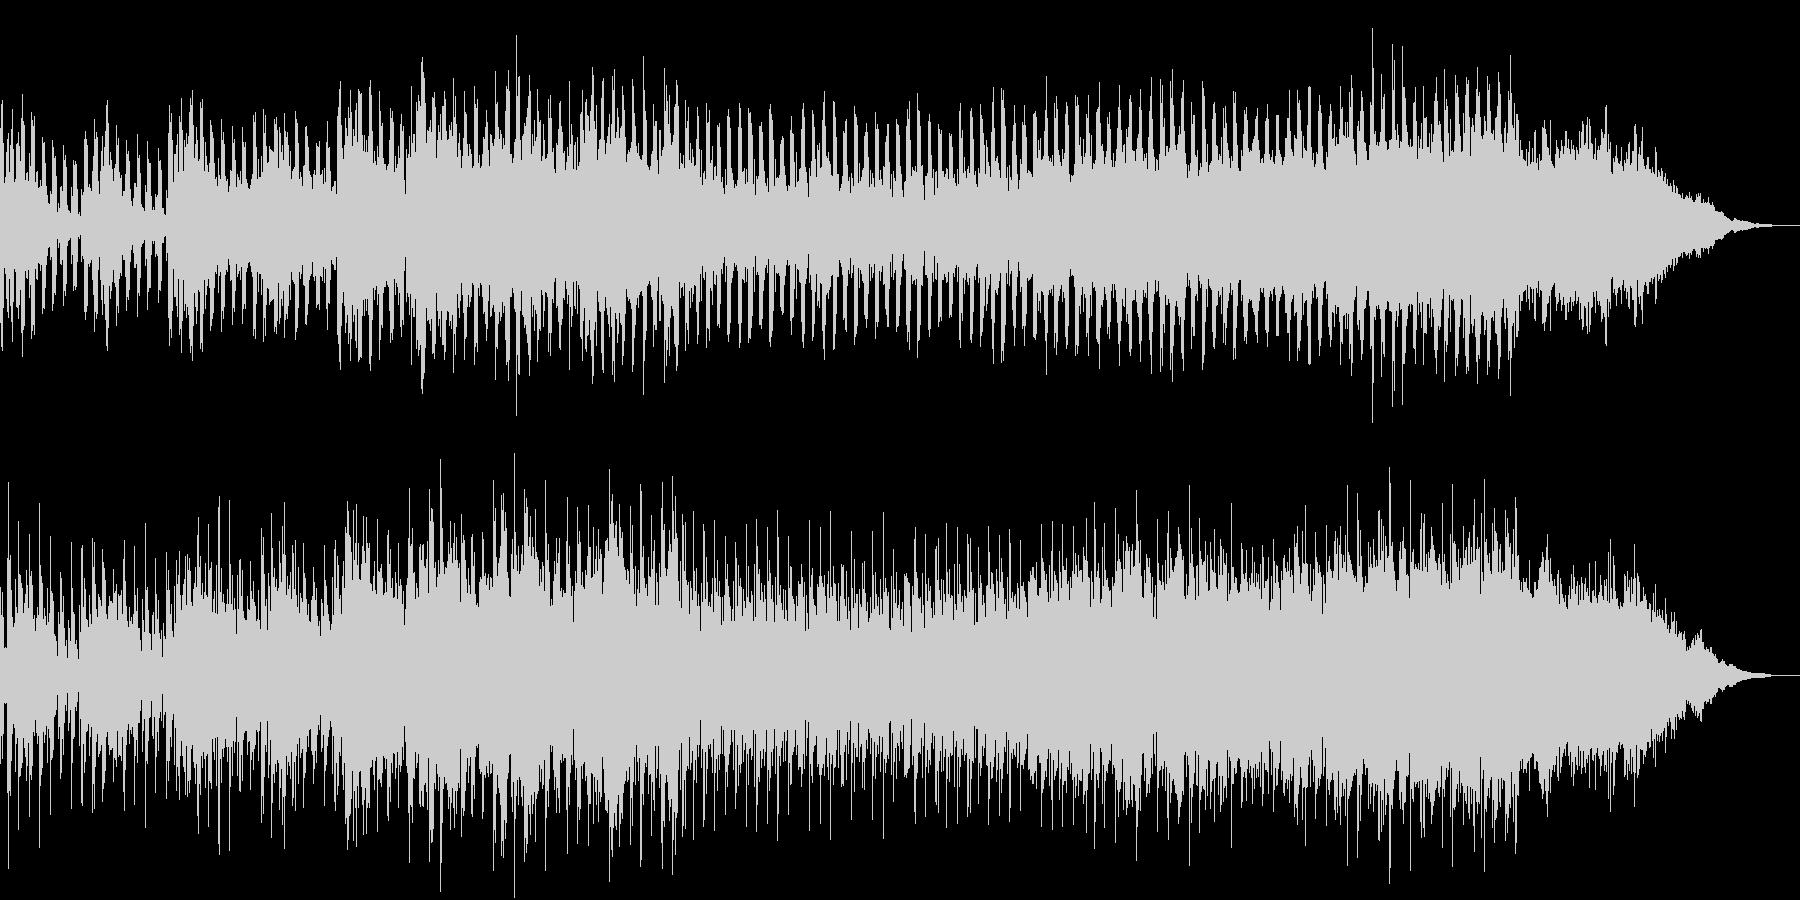 浮遊感のあるアンビエントなエレクトロの未再生の波形